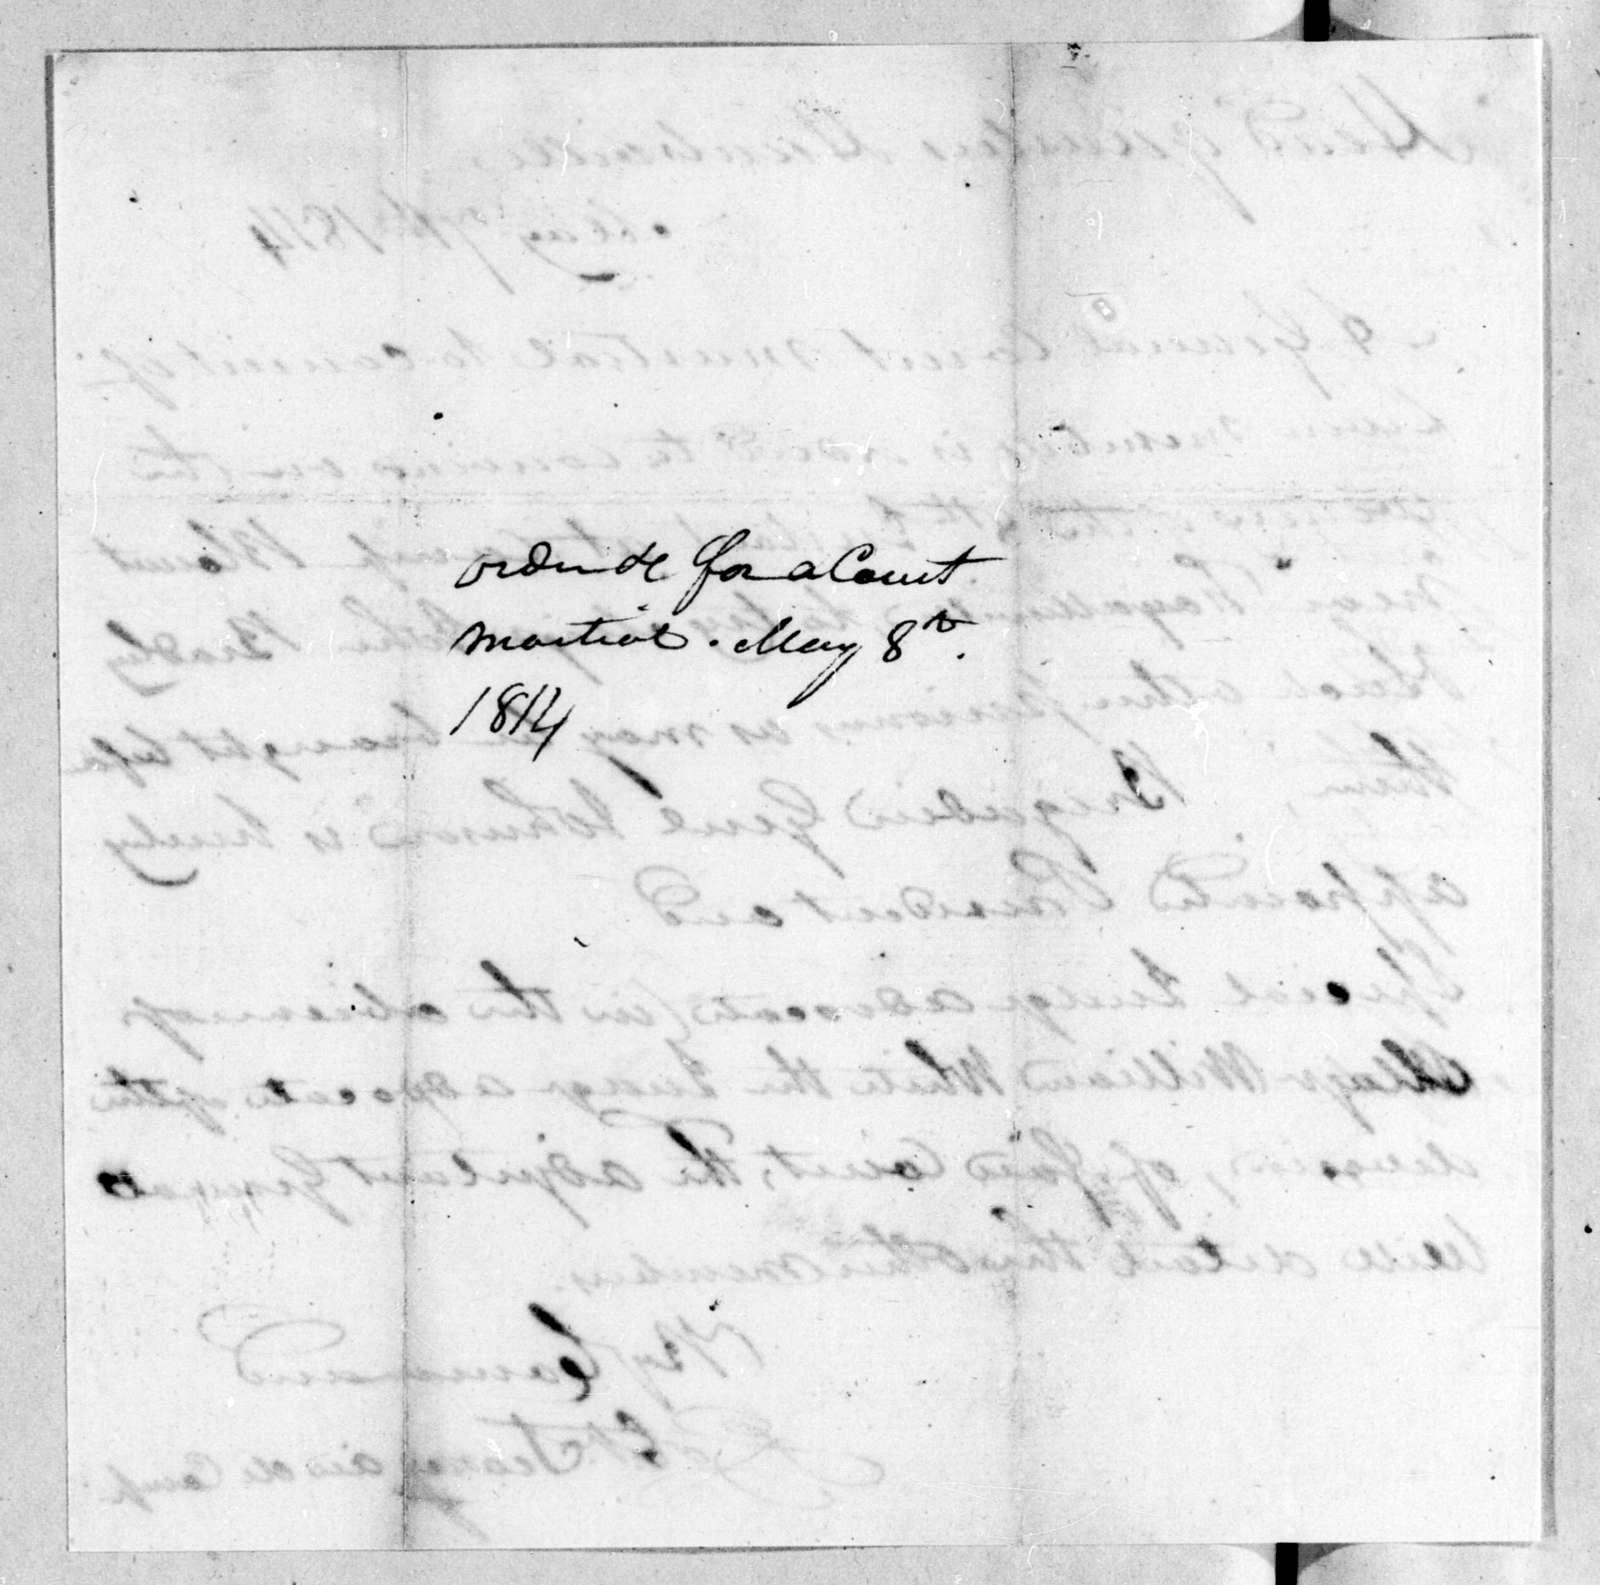 Robert Searcy, May 7, 1814